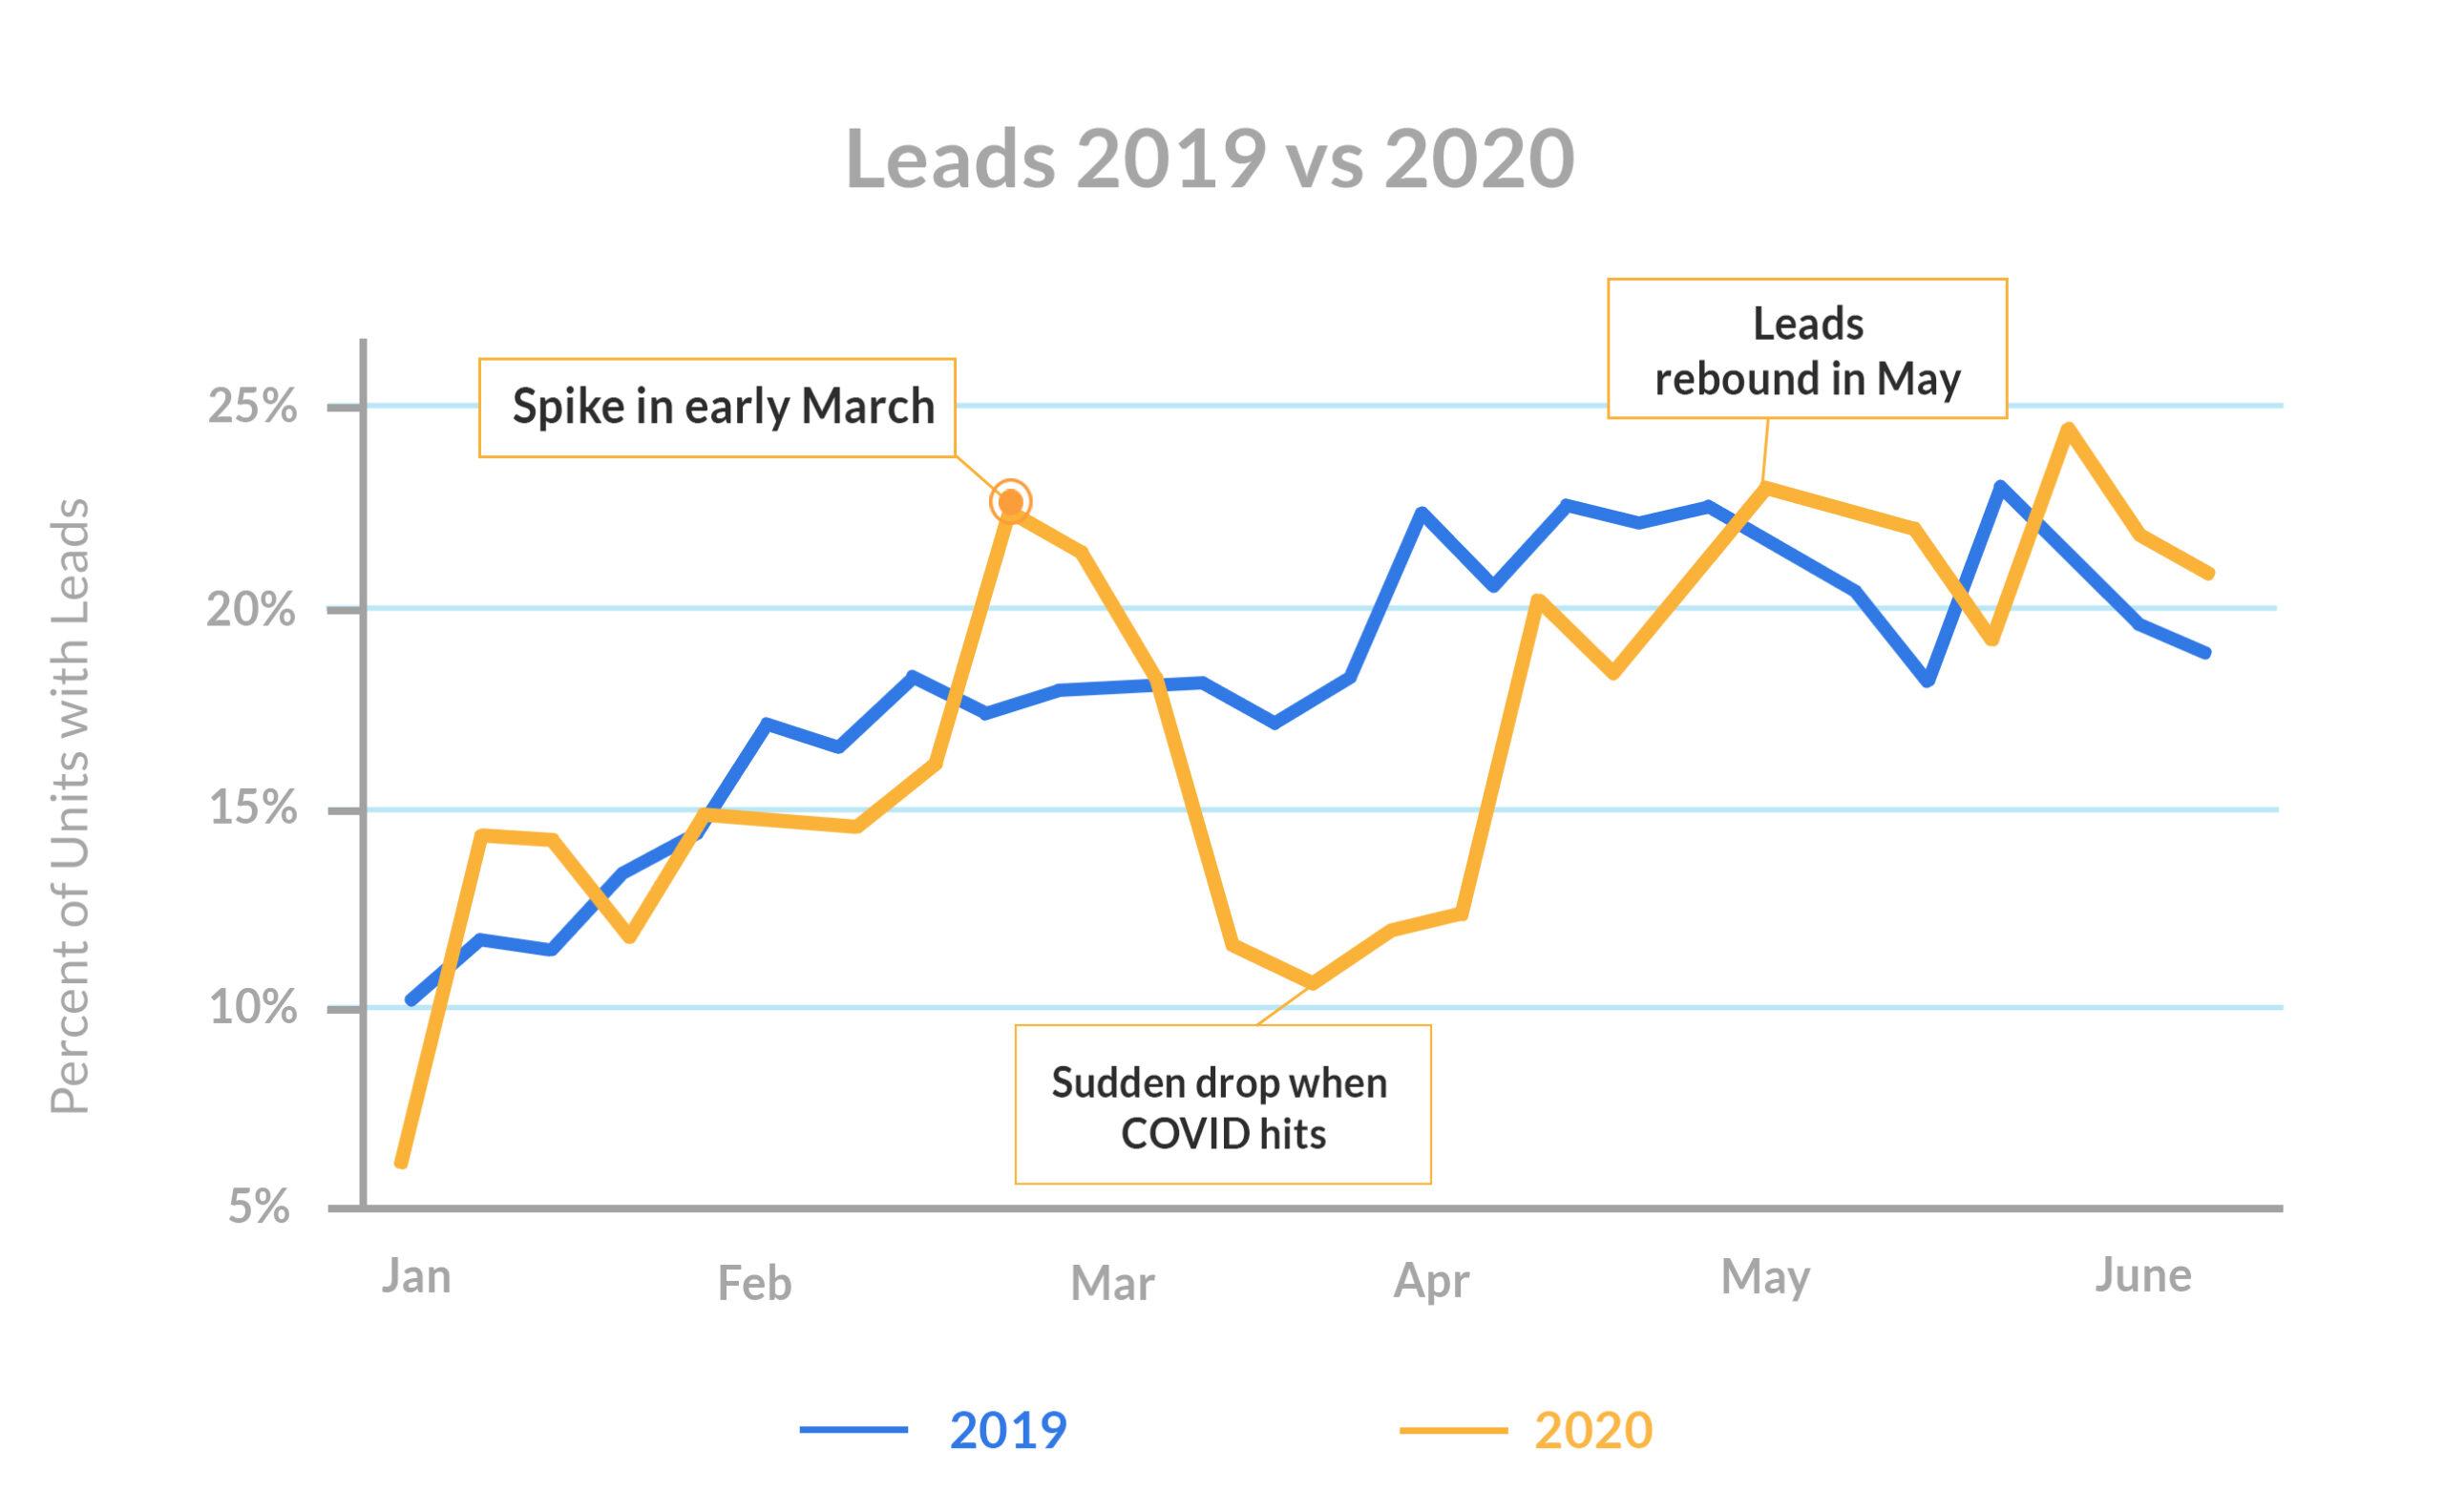 leasing-season-Leads-2019-vs-2020